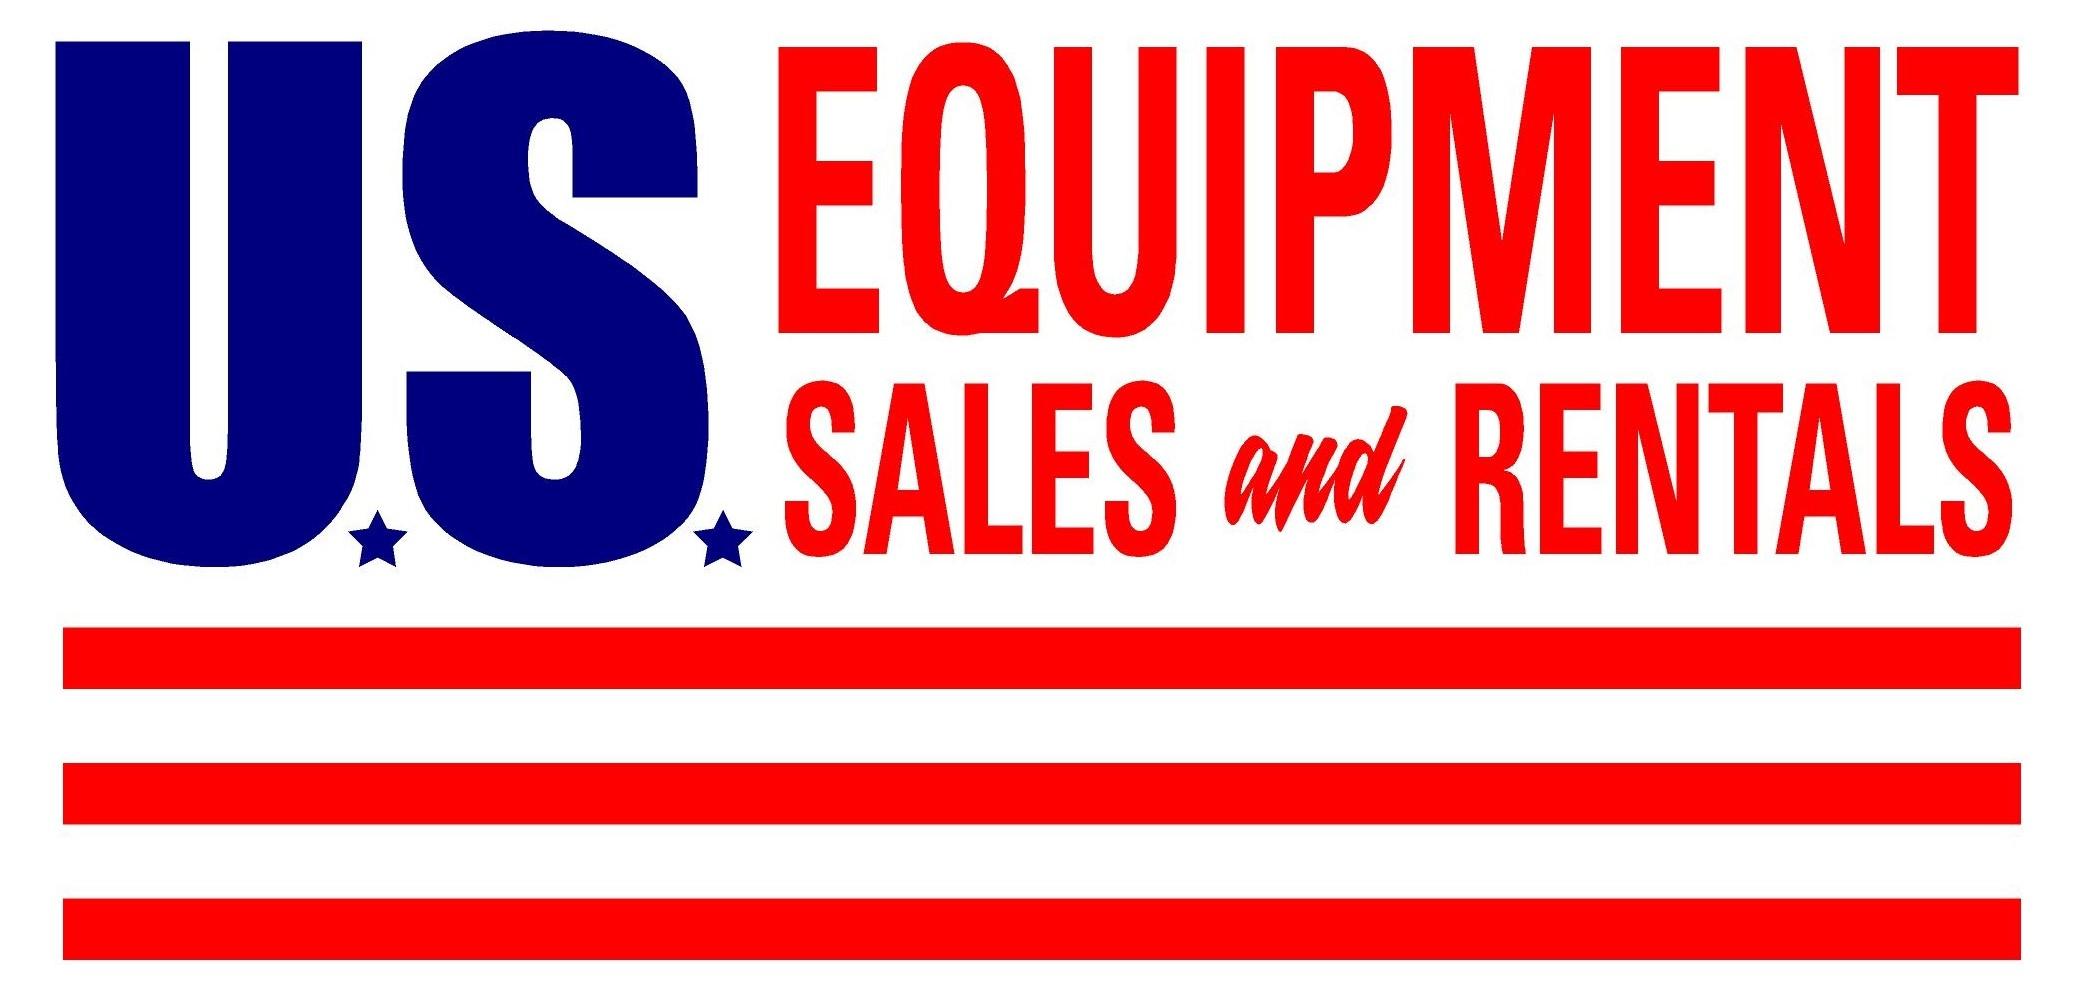 US Equipment Sales and Rentals company logo